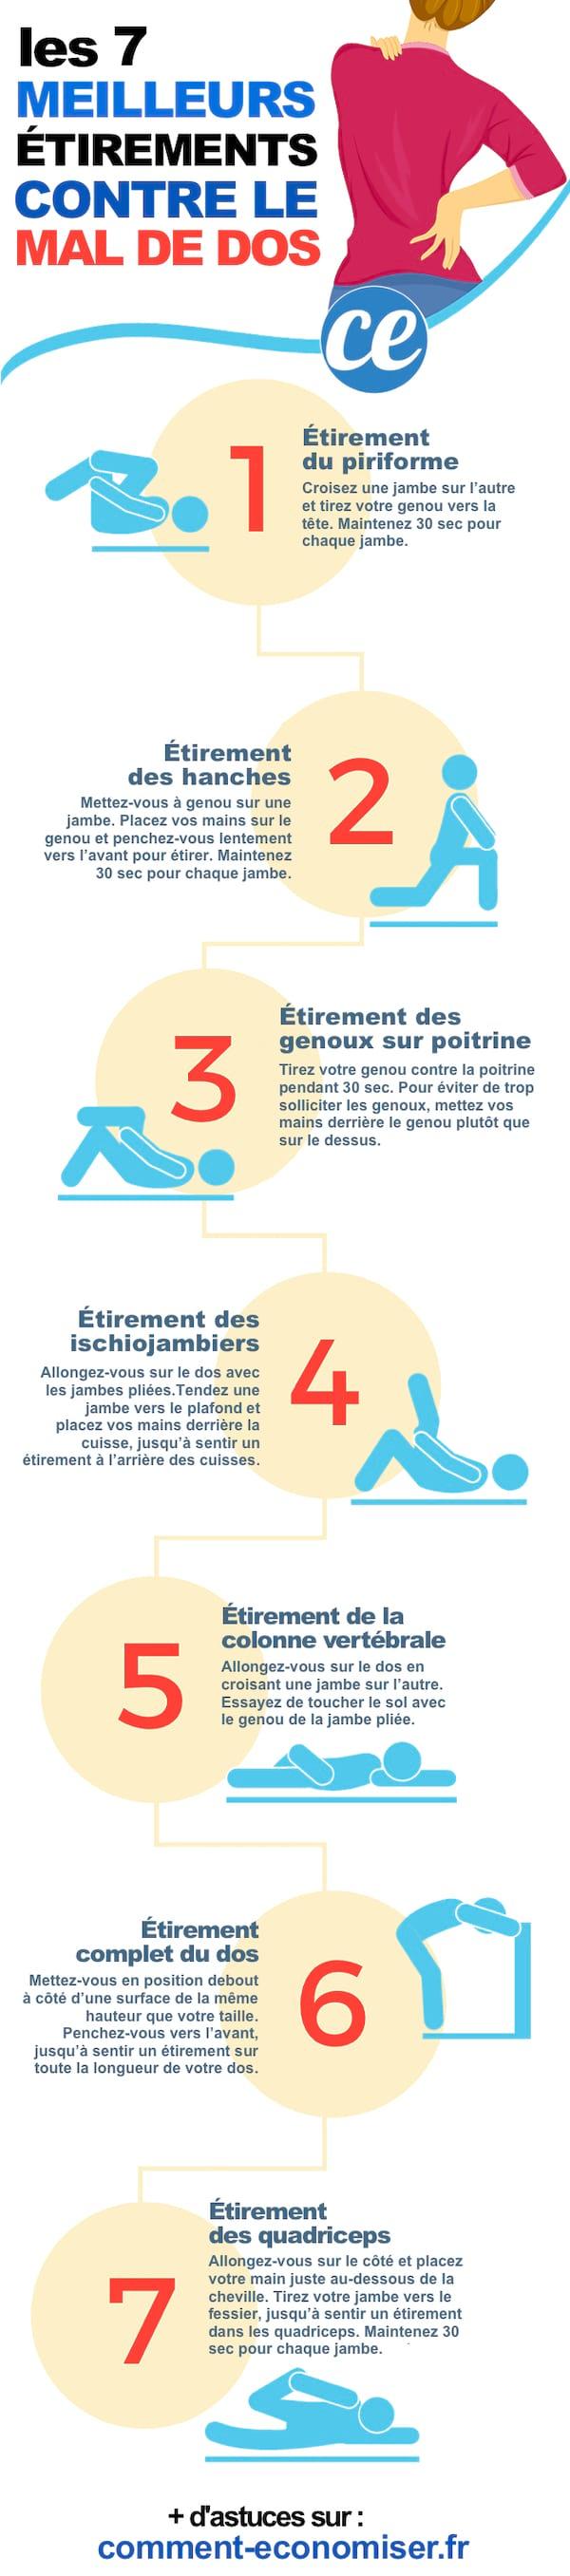 7 Exercices Pour Dire Adieu Au Mal De Dos : exercices, adieu, Meilleurs, Étirements, Soulager, Immédiatement.